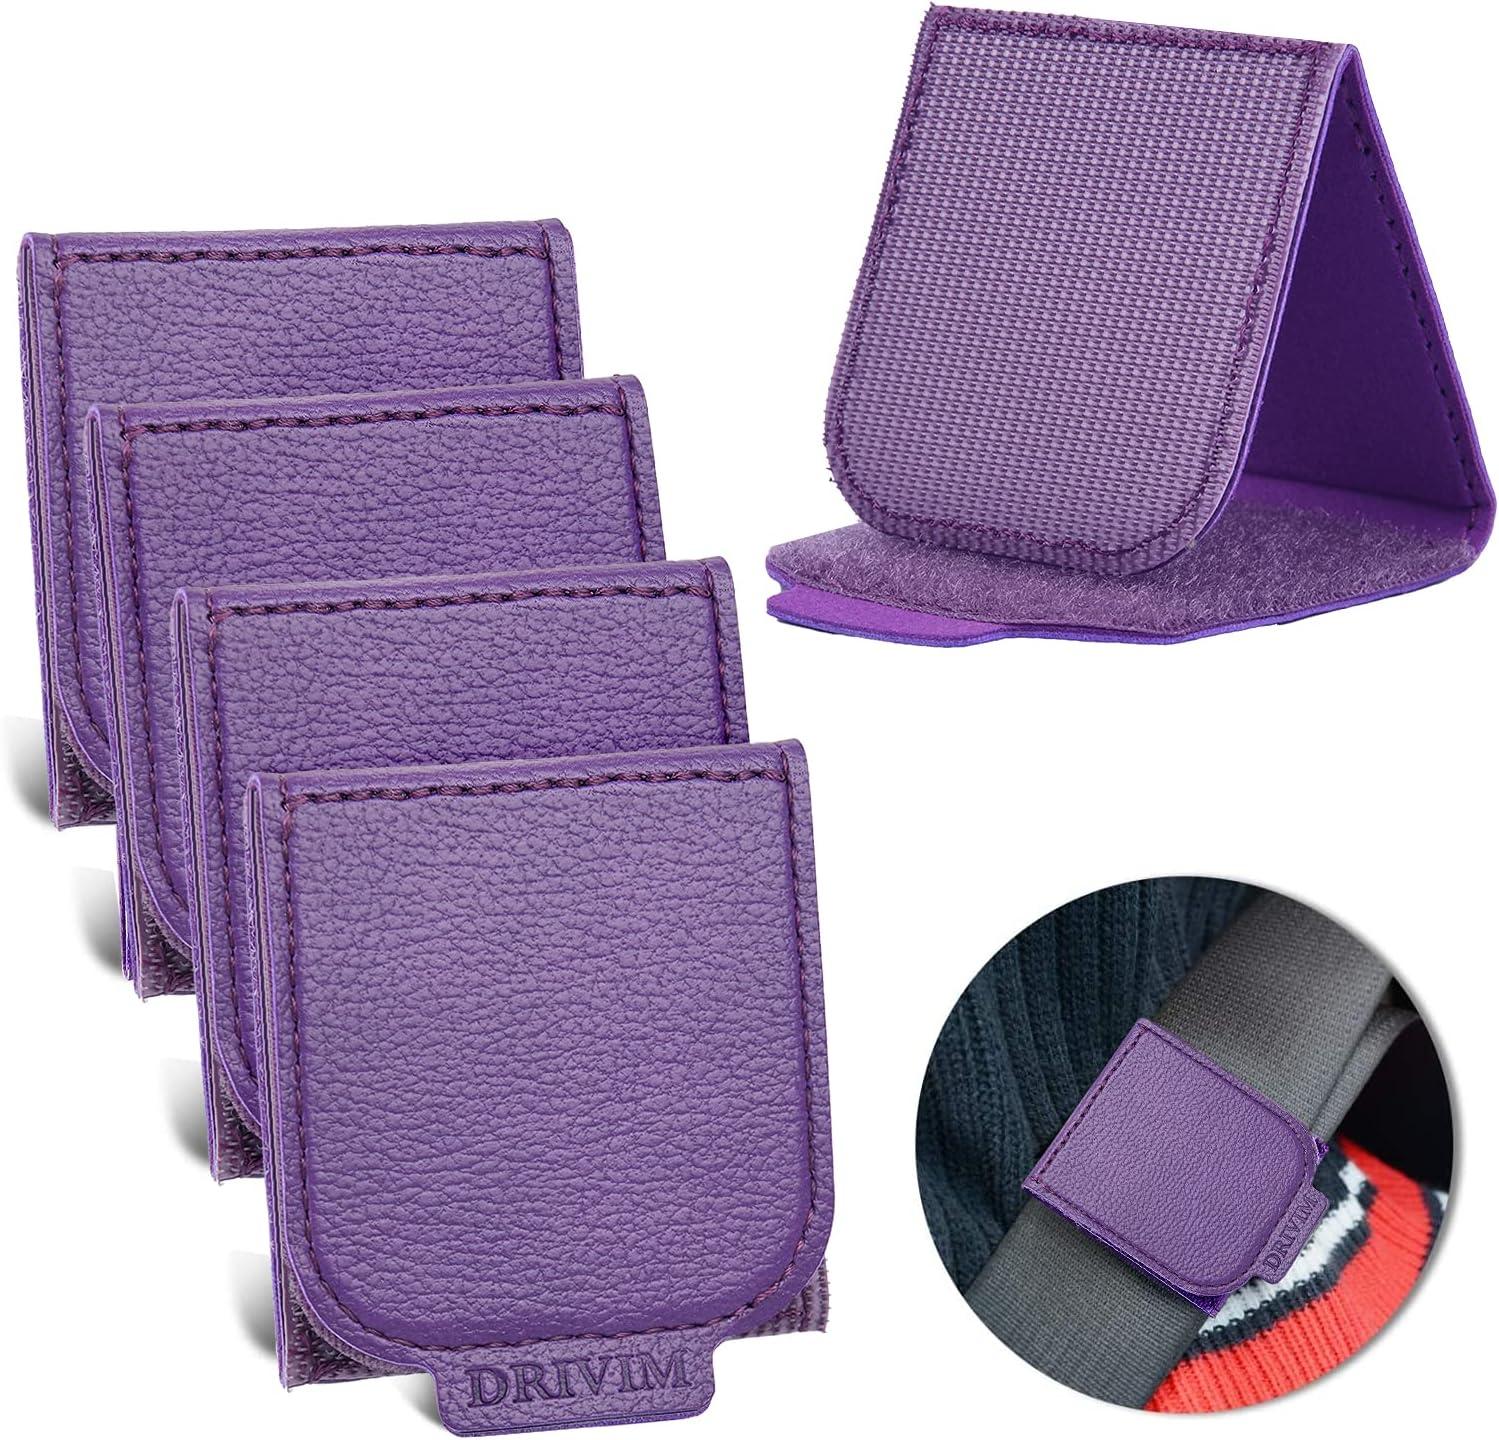 Car Seat Belt Adjuster, 4 Pack Premium PU Leather Seatbelt Clip for Vehicle Automobile Safety Comfort Universal Shoulder Neck Strap Positioner for Adults Kids Children Toddler (Purple)